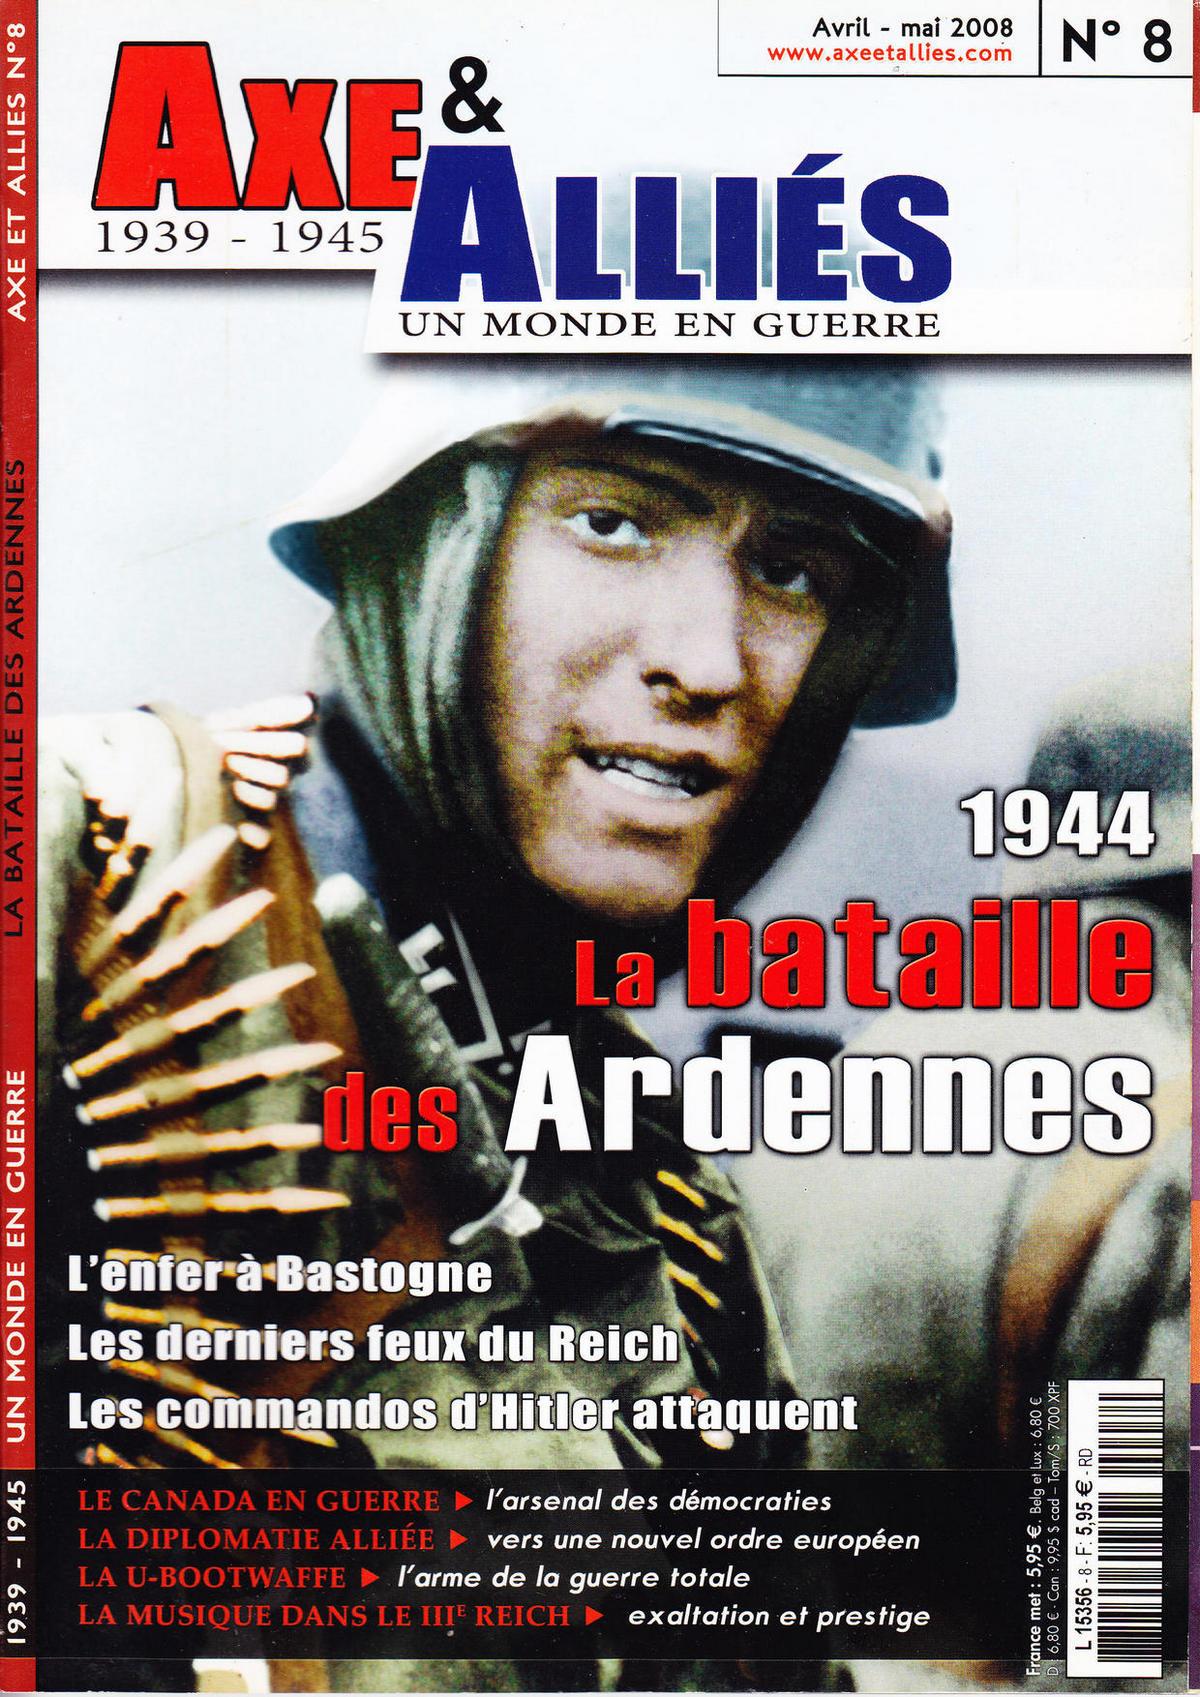 Axe & Alliés 8